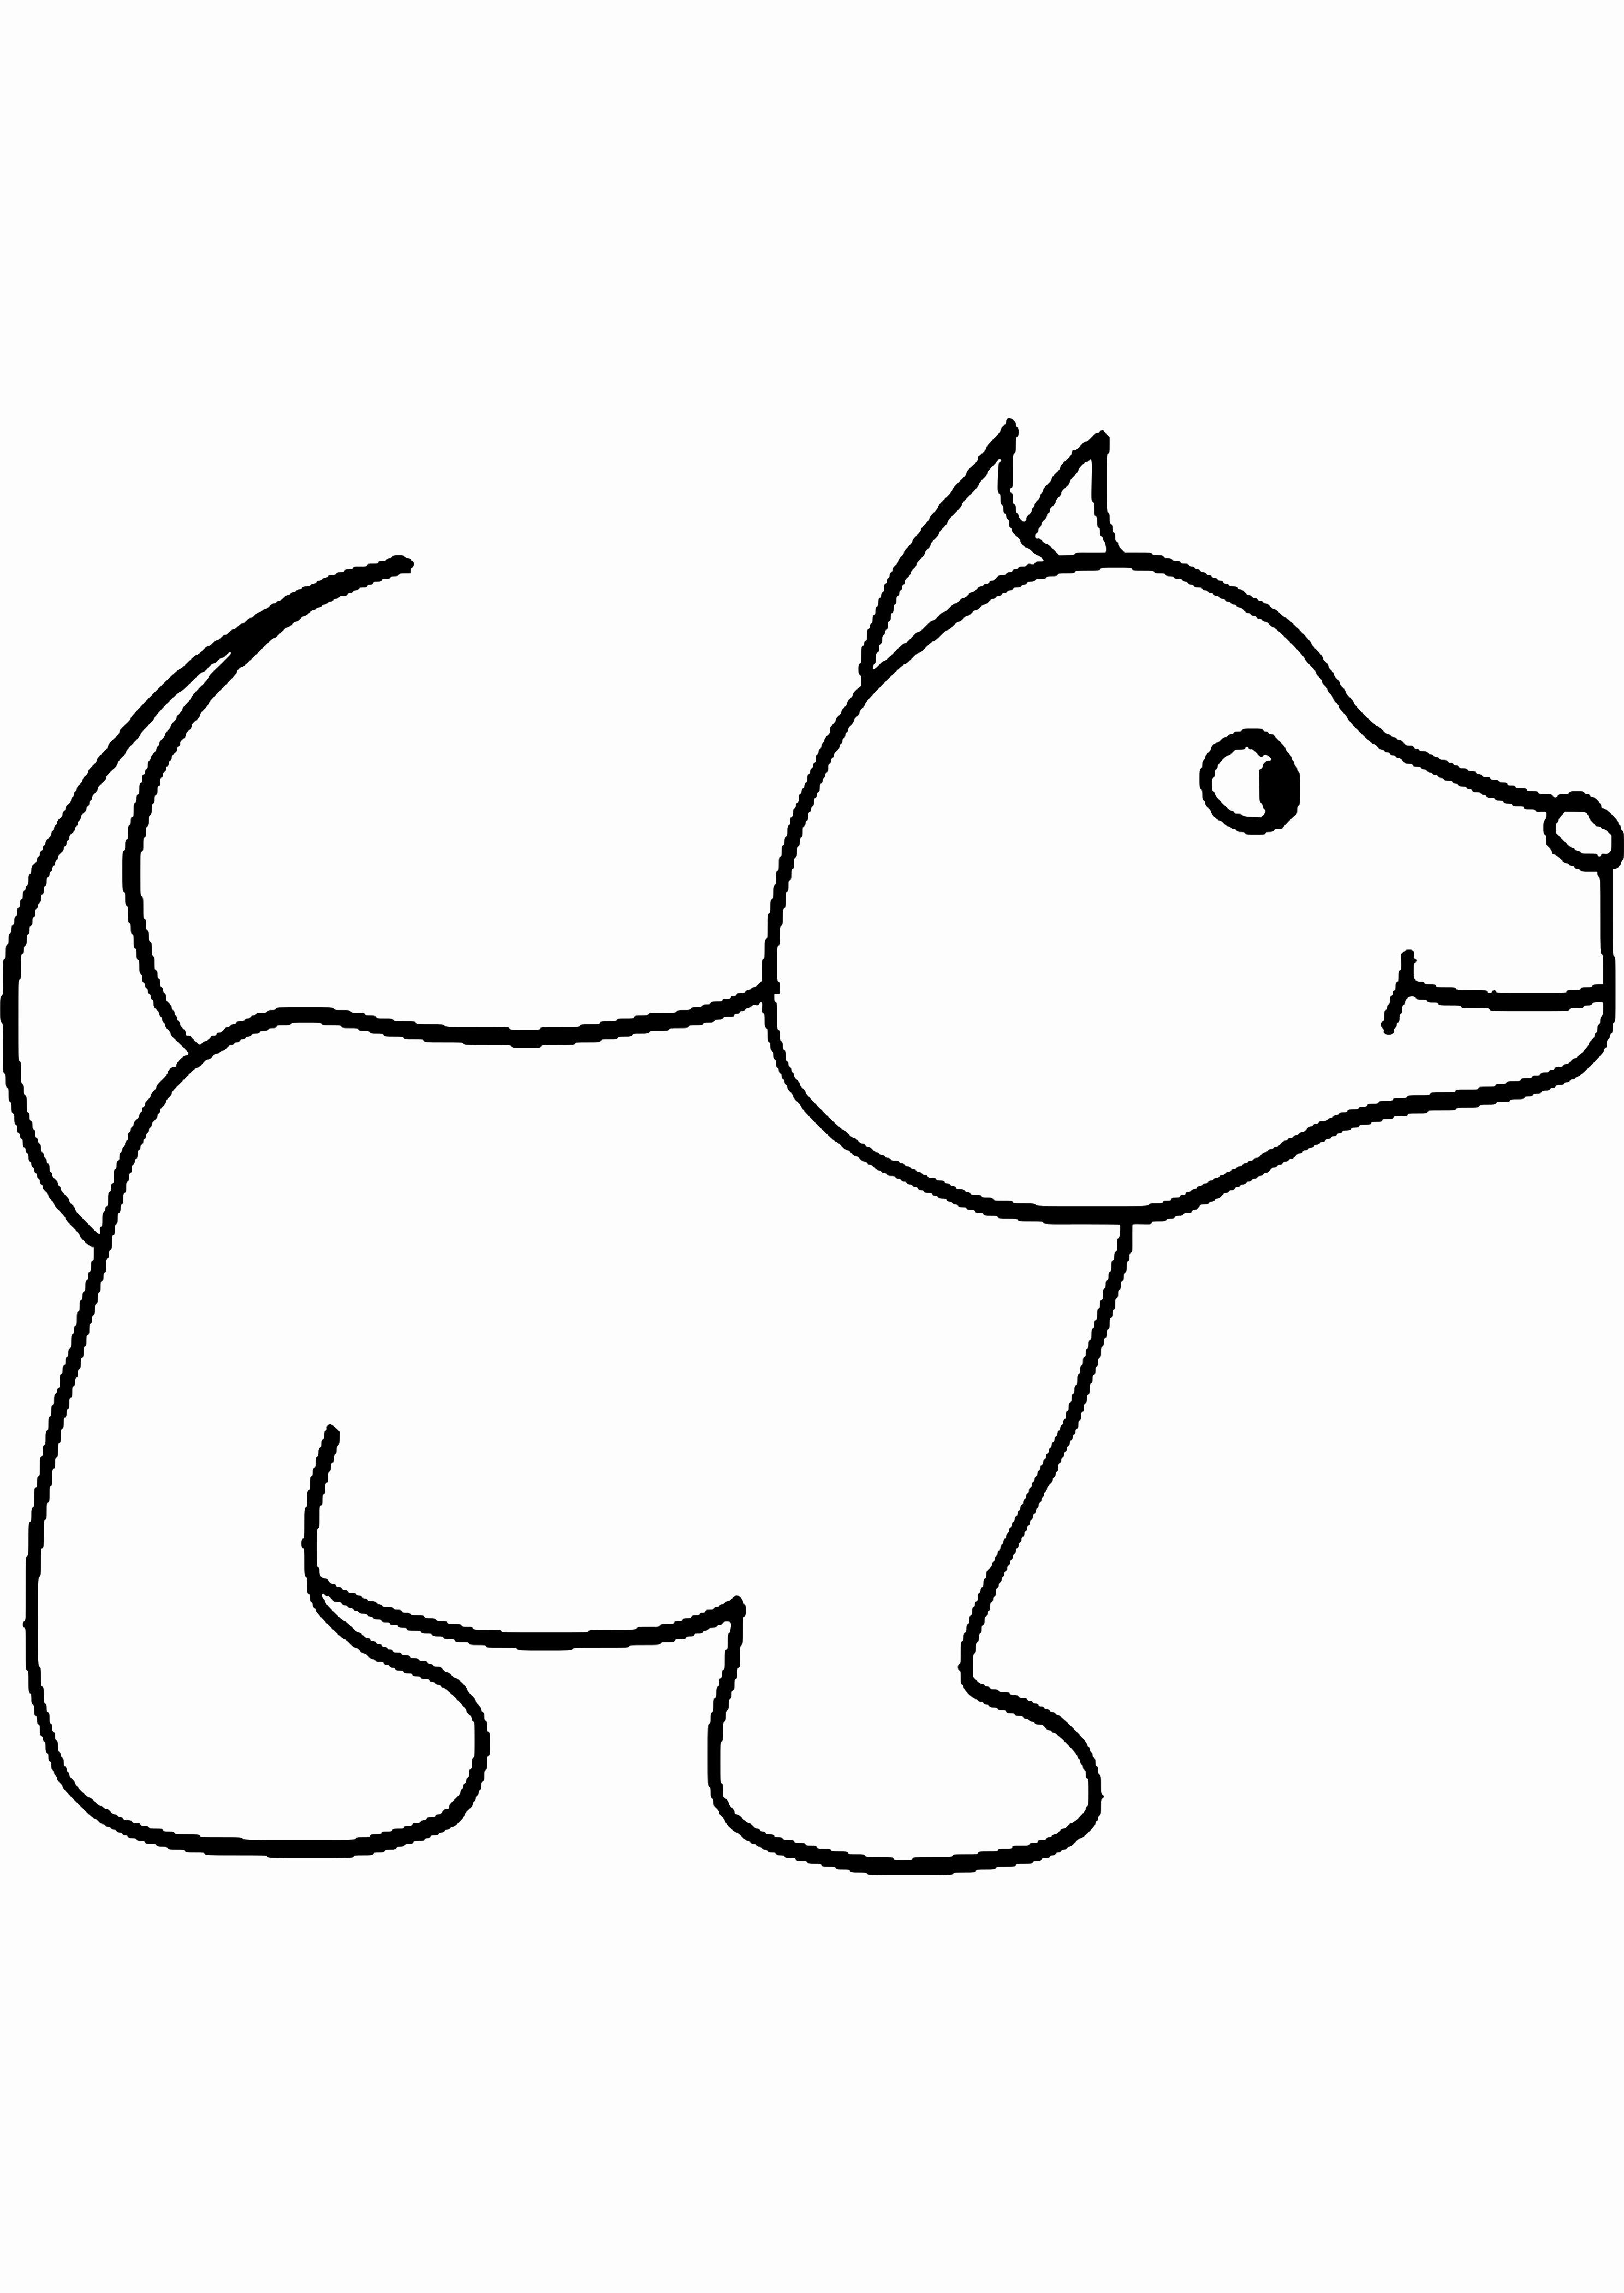 Ausmalbilder Hund Und Katze Einzigartig 58 Genial Sammlung Ausmalbilder Zum Ausdrucken Hunde Das Bild